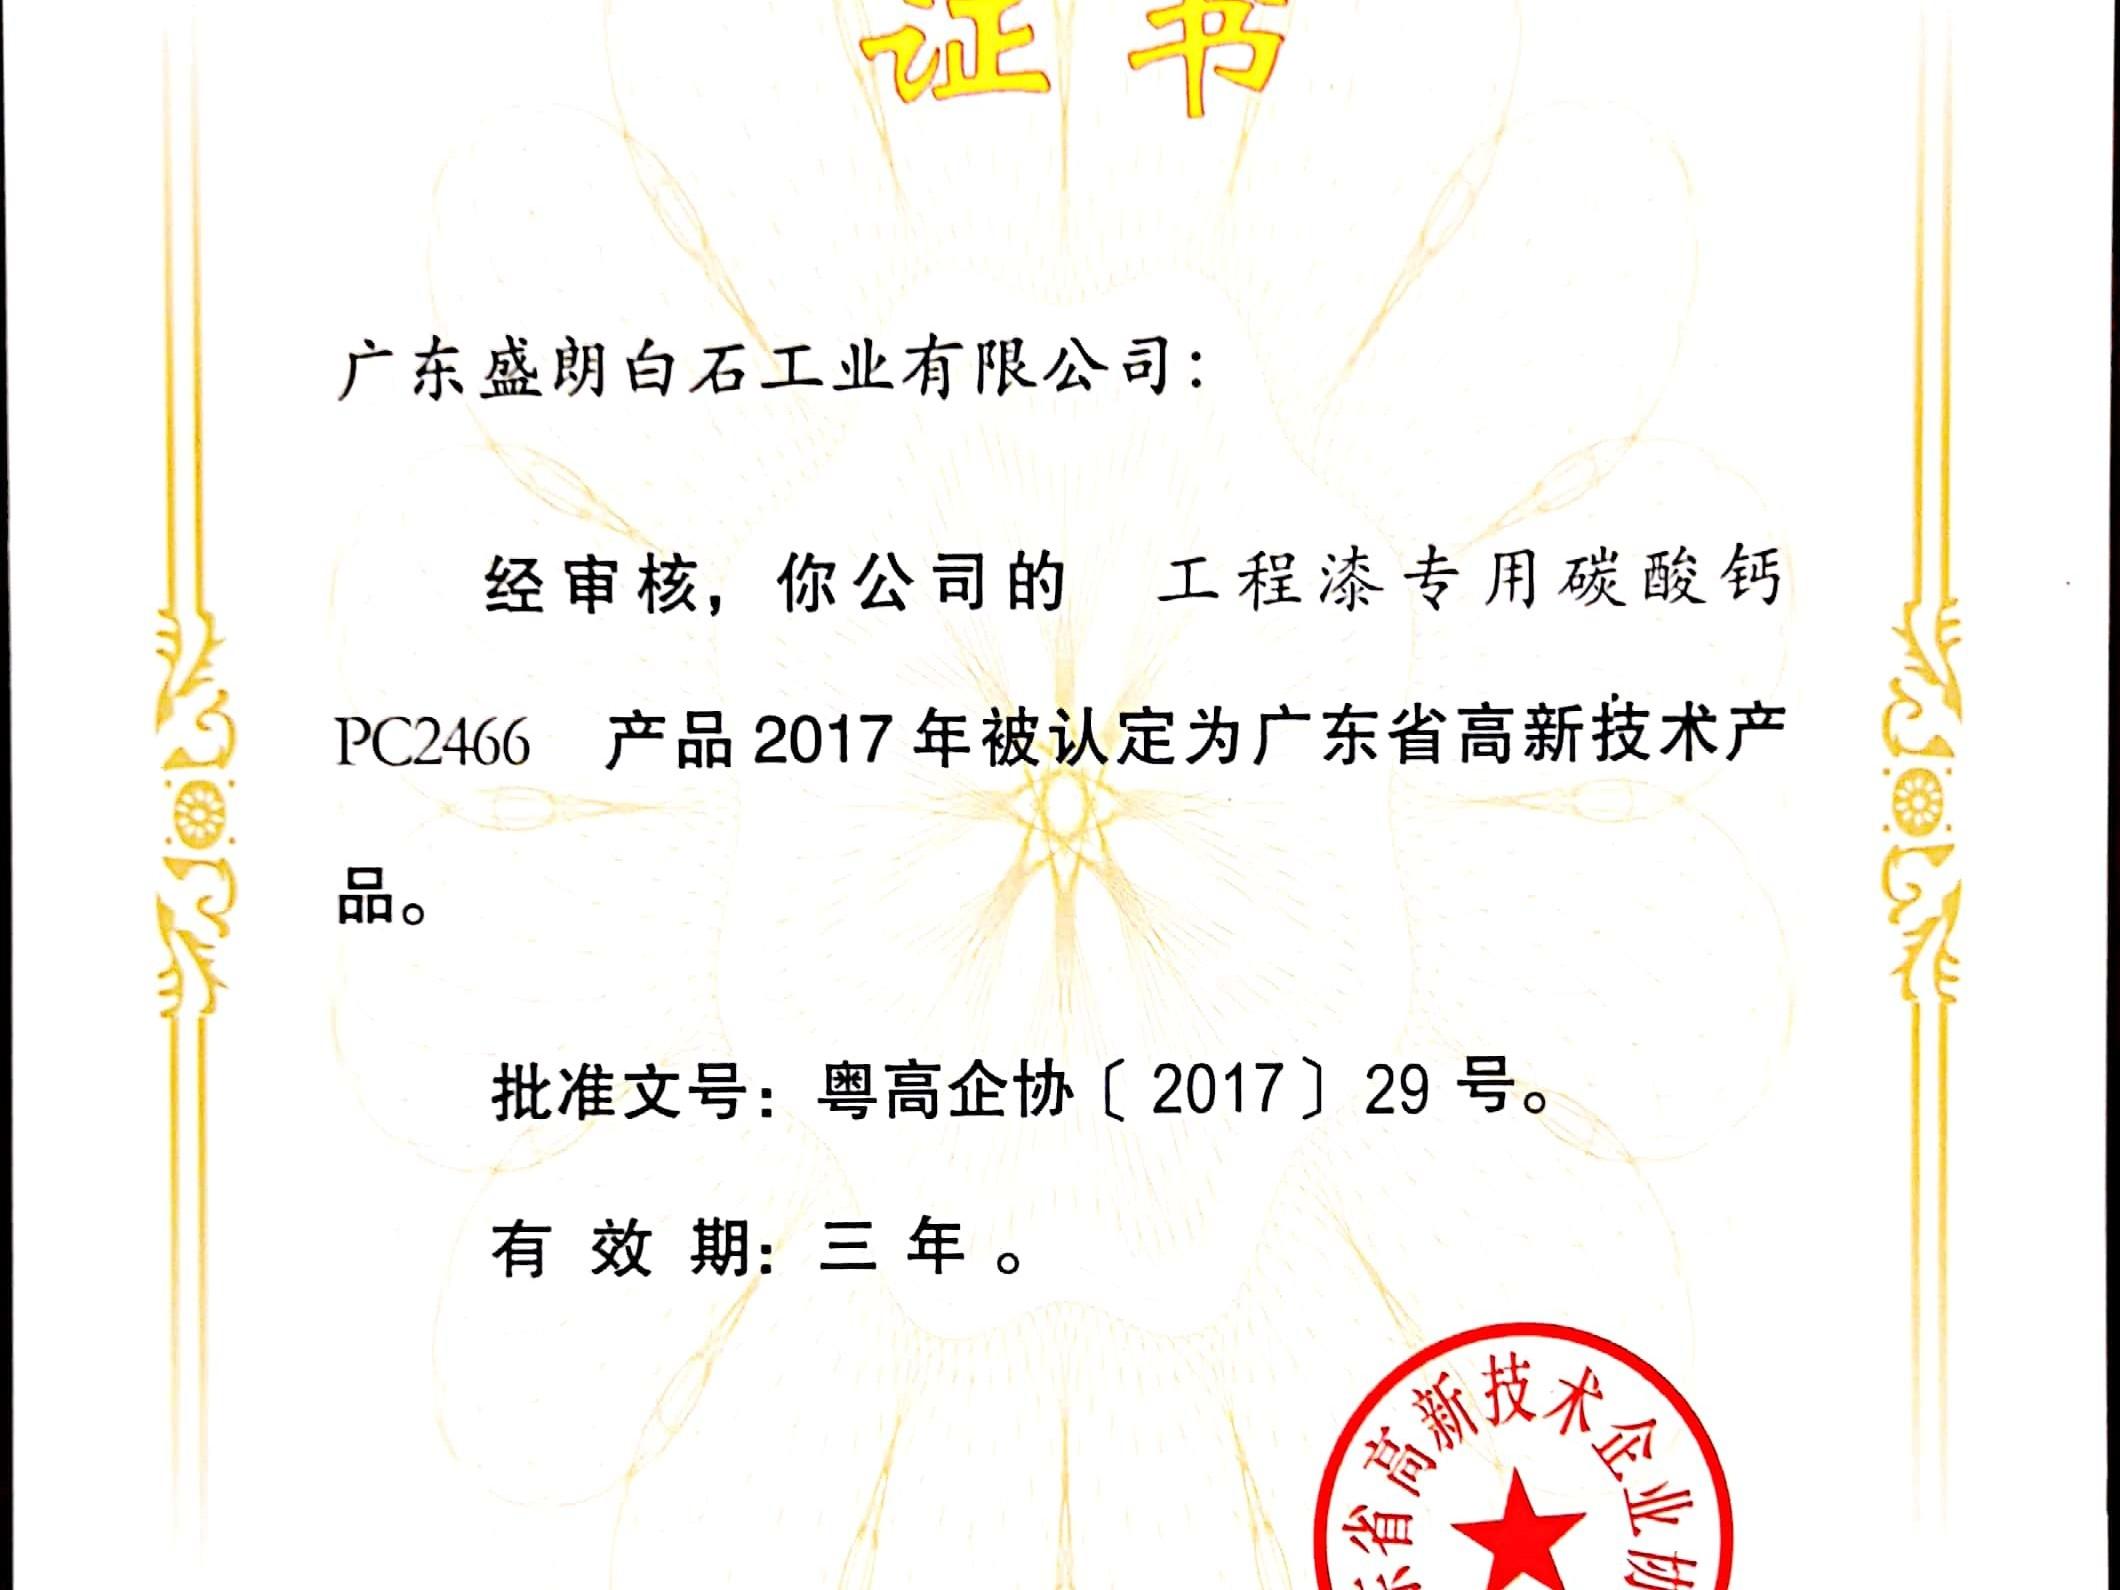 盛朗白石-PC2466高新技术证书